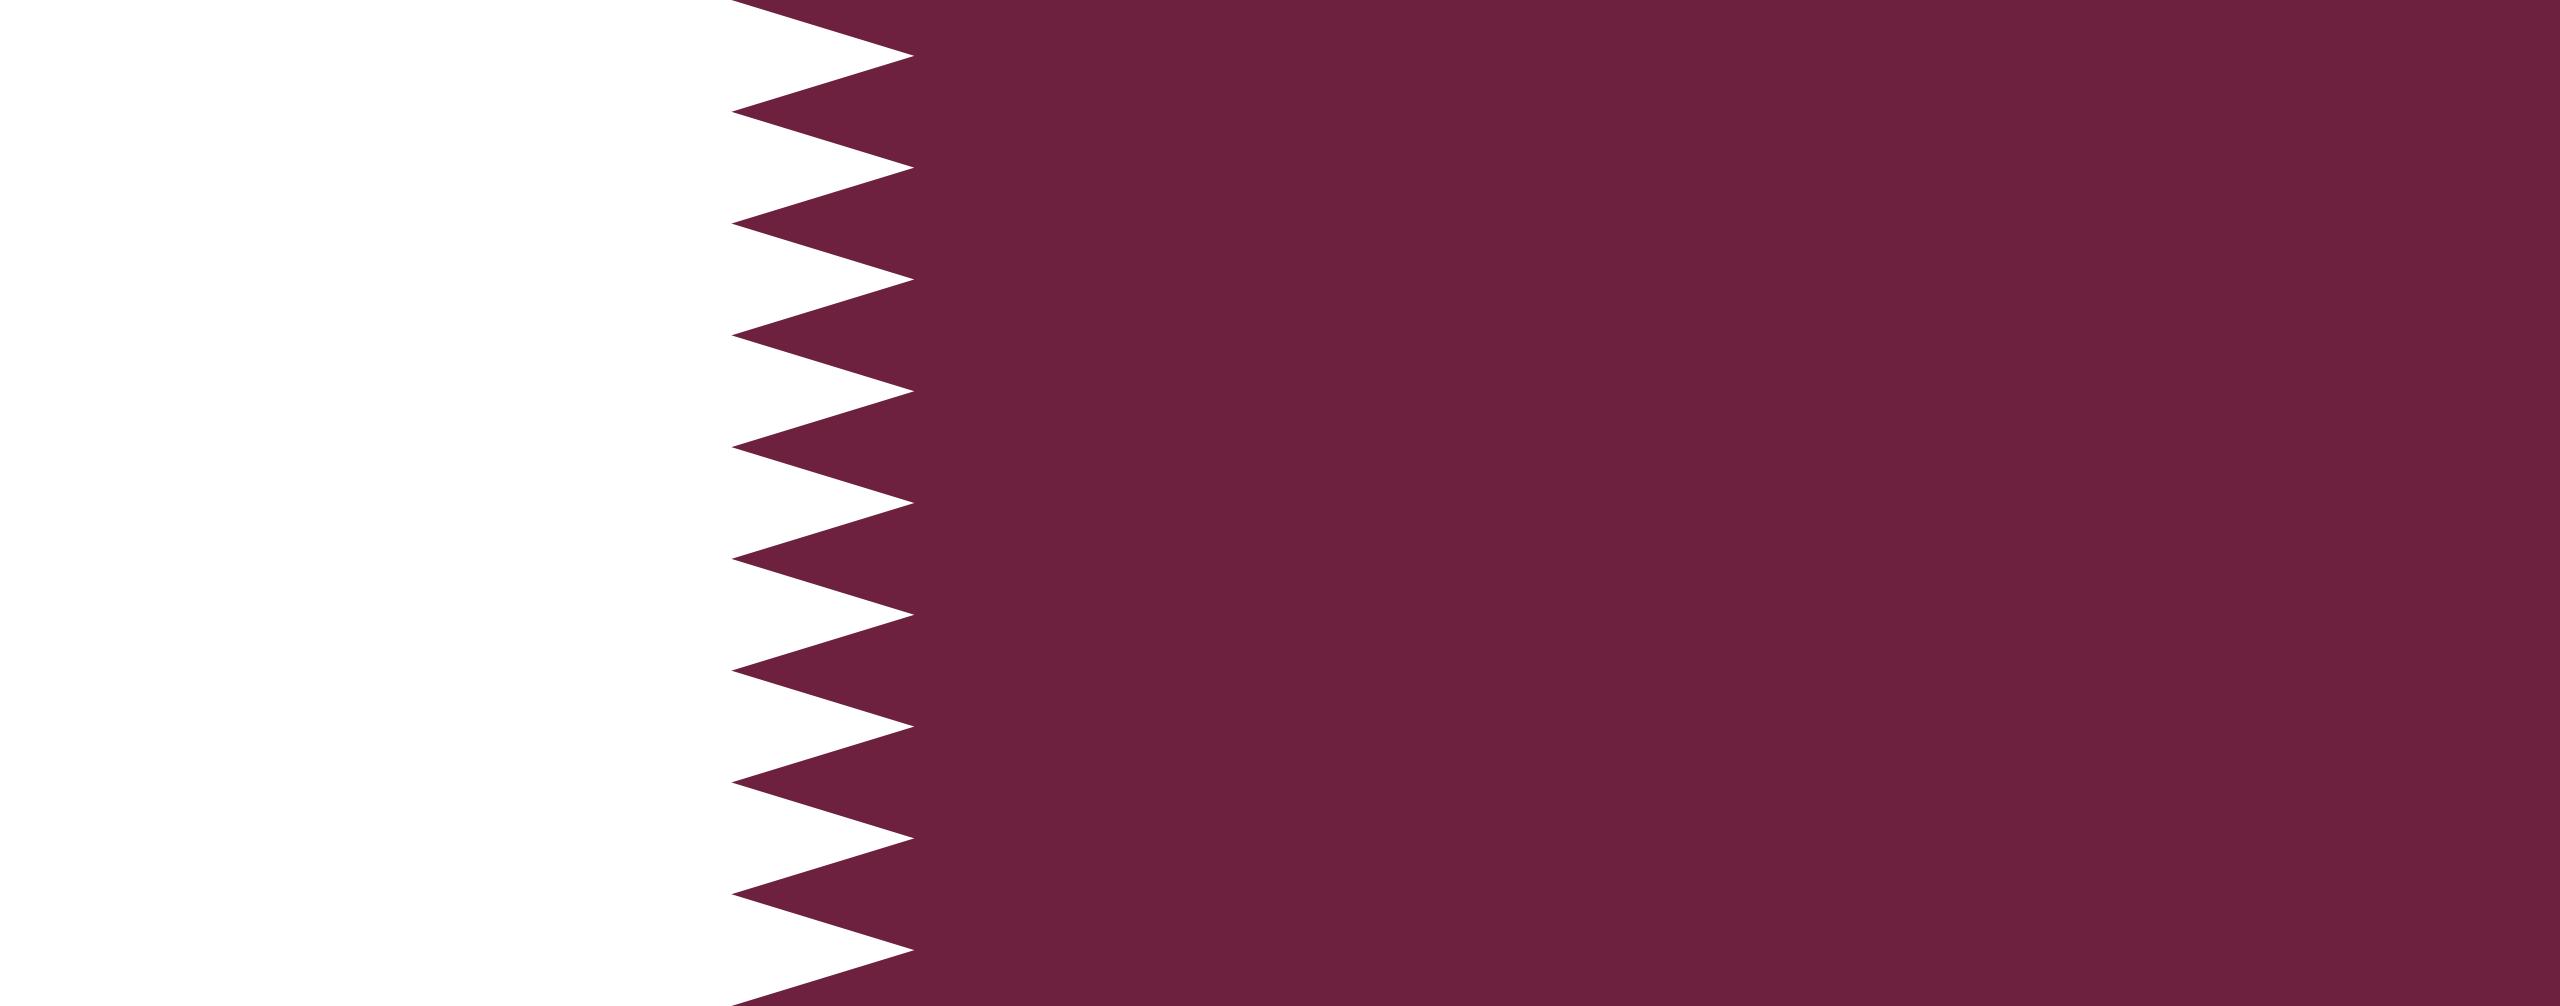 Qatar, pays, emblème, logo, symbole - Fonds d'écran HD - Professor-falken.com